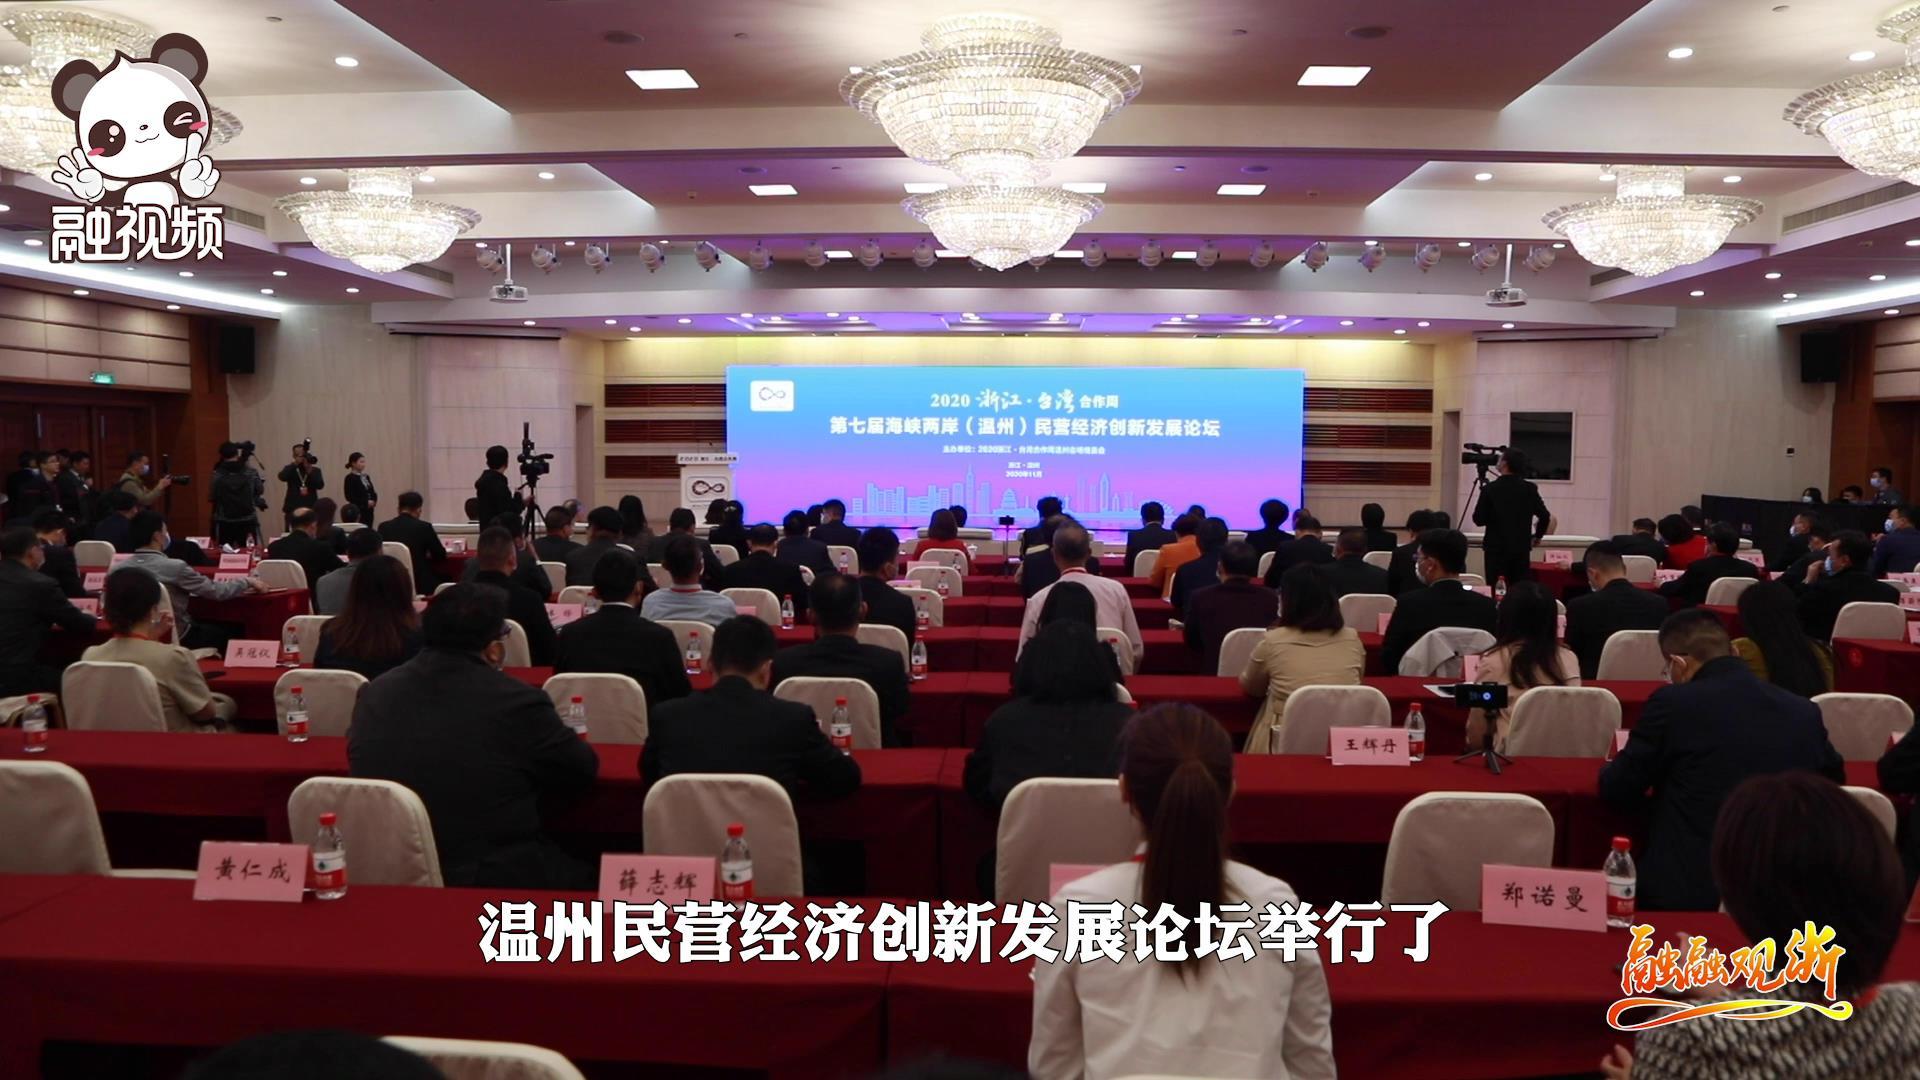 hg156体育(温州)民营能施展一次就不�e了经济创新发展论坛成功举办图片